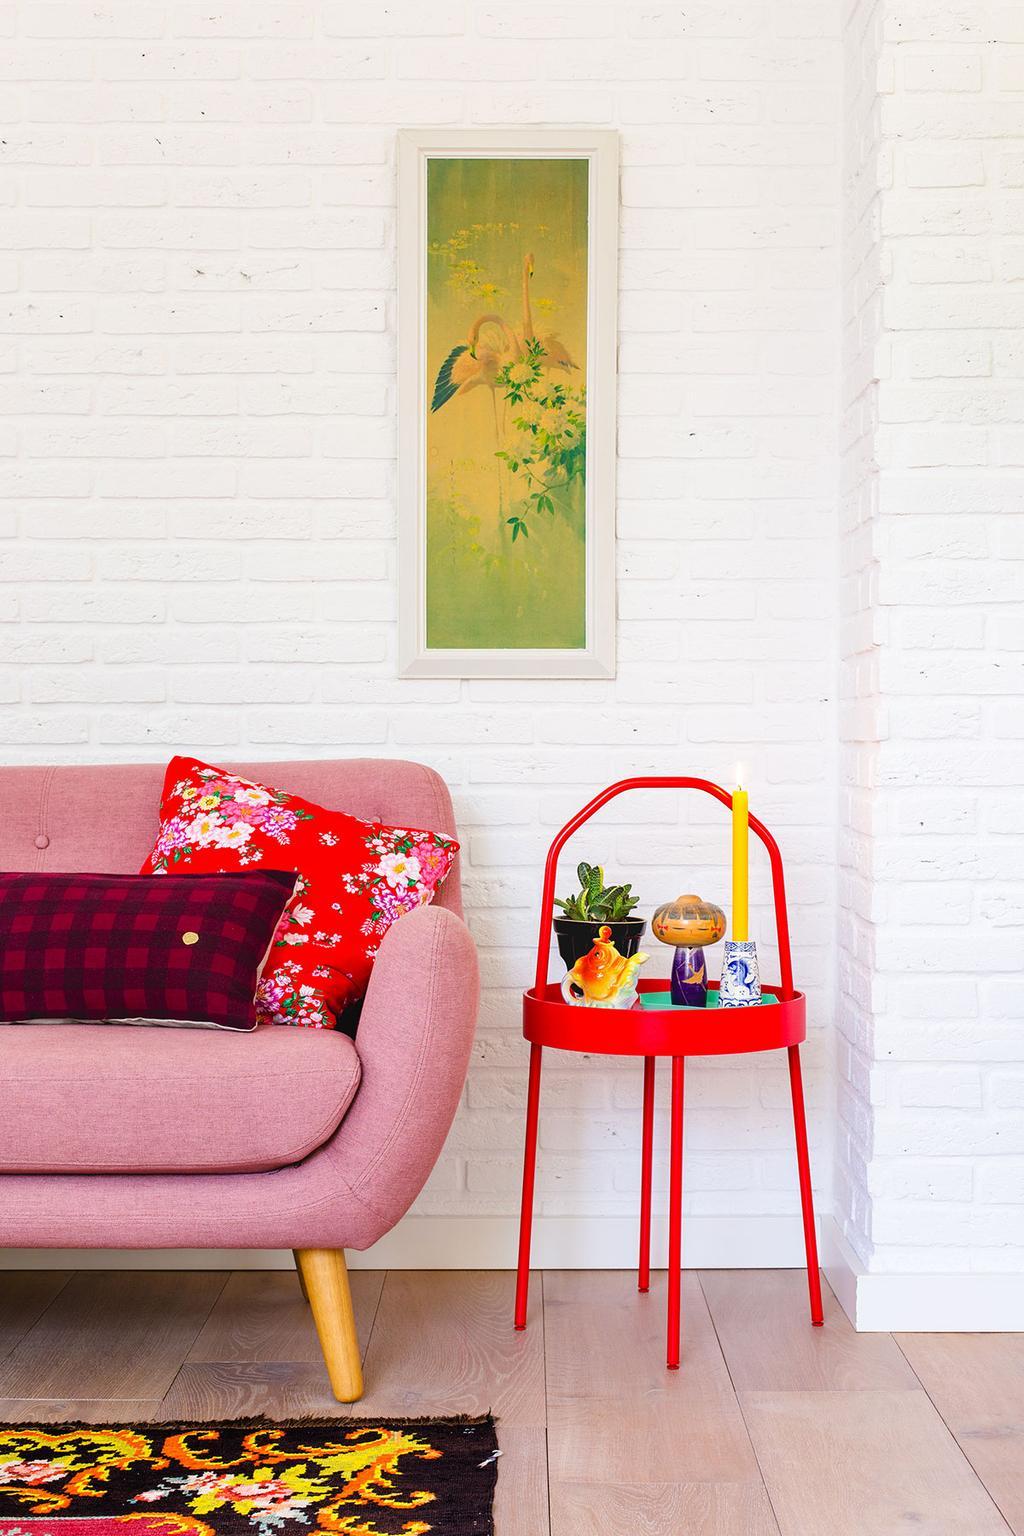 Roze bank en rood tafeltje met chinoiserie en kokeshi